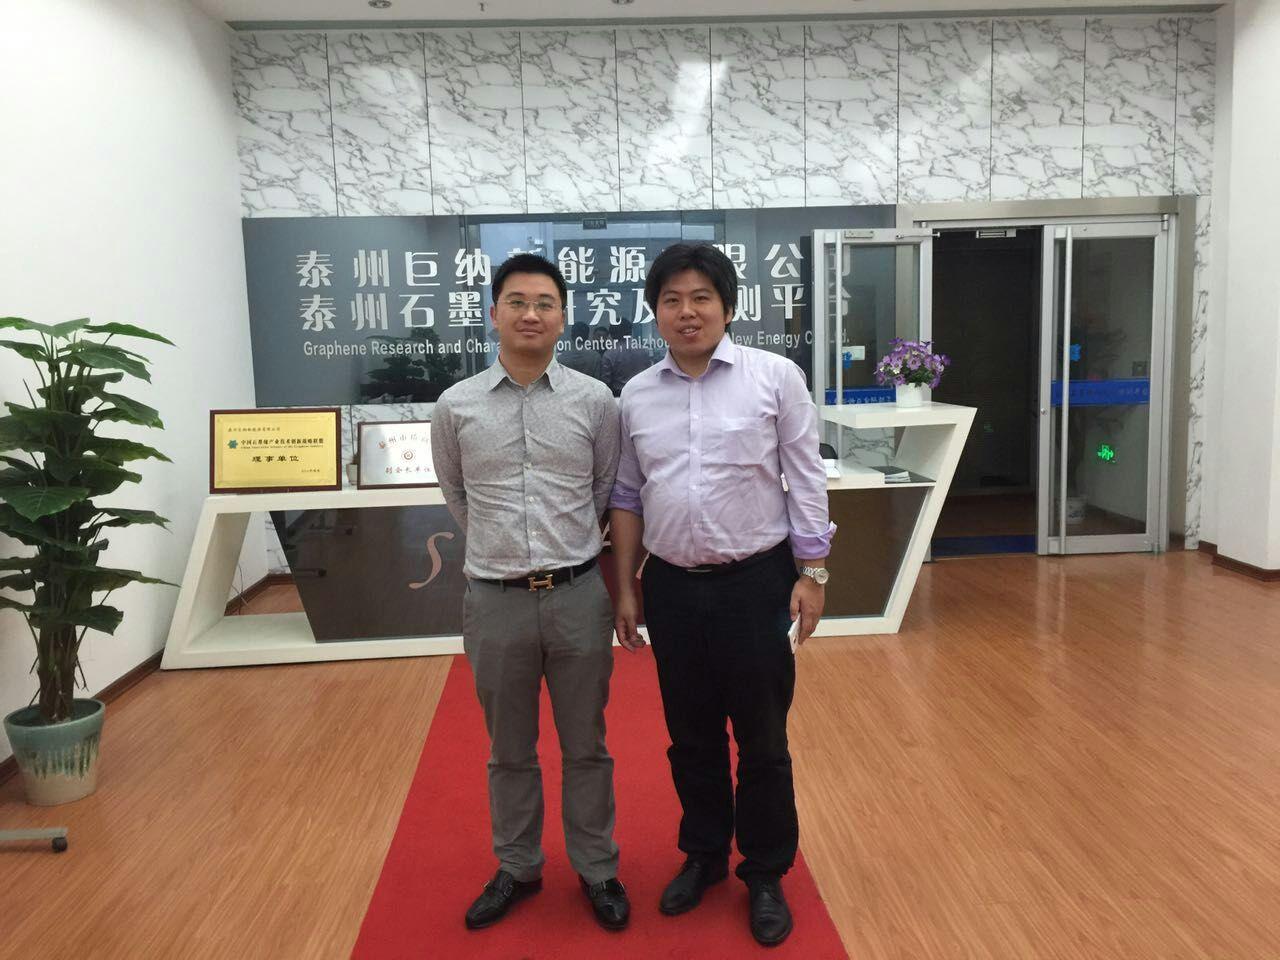 宇海集团总裁访问并考察泰州巨纳石墨烯产业